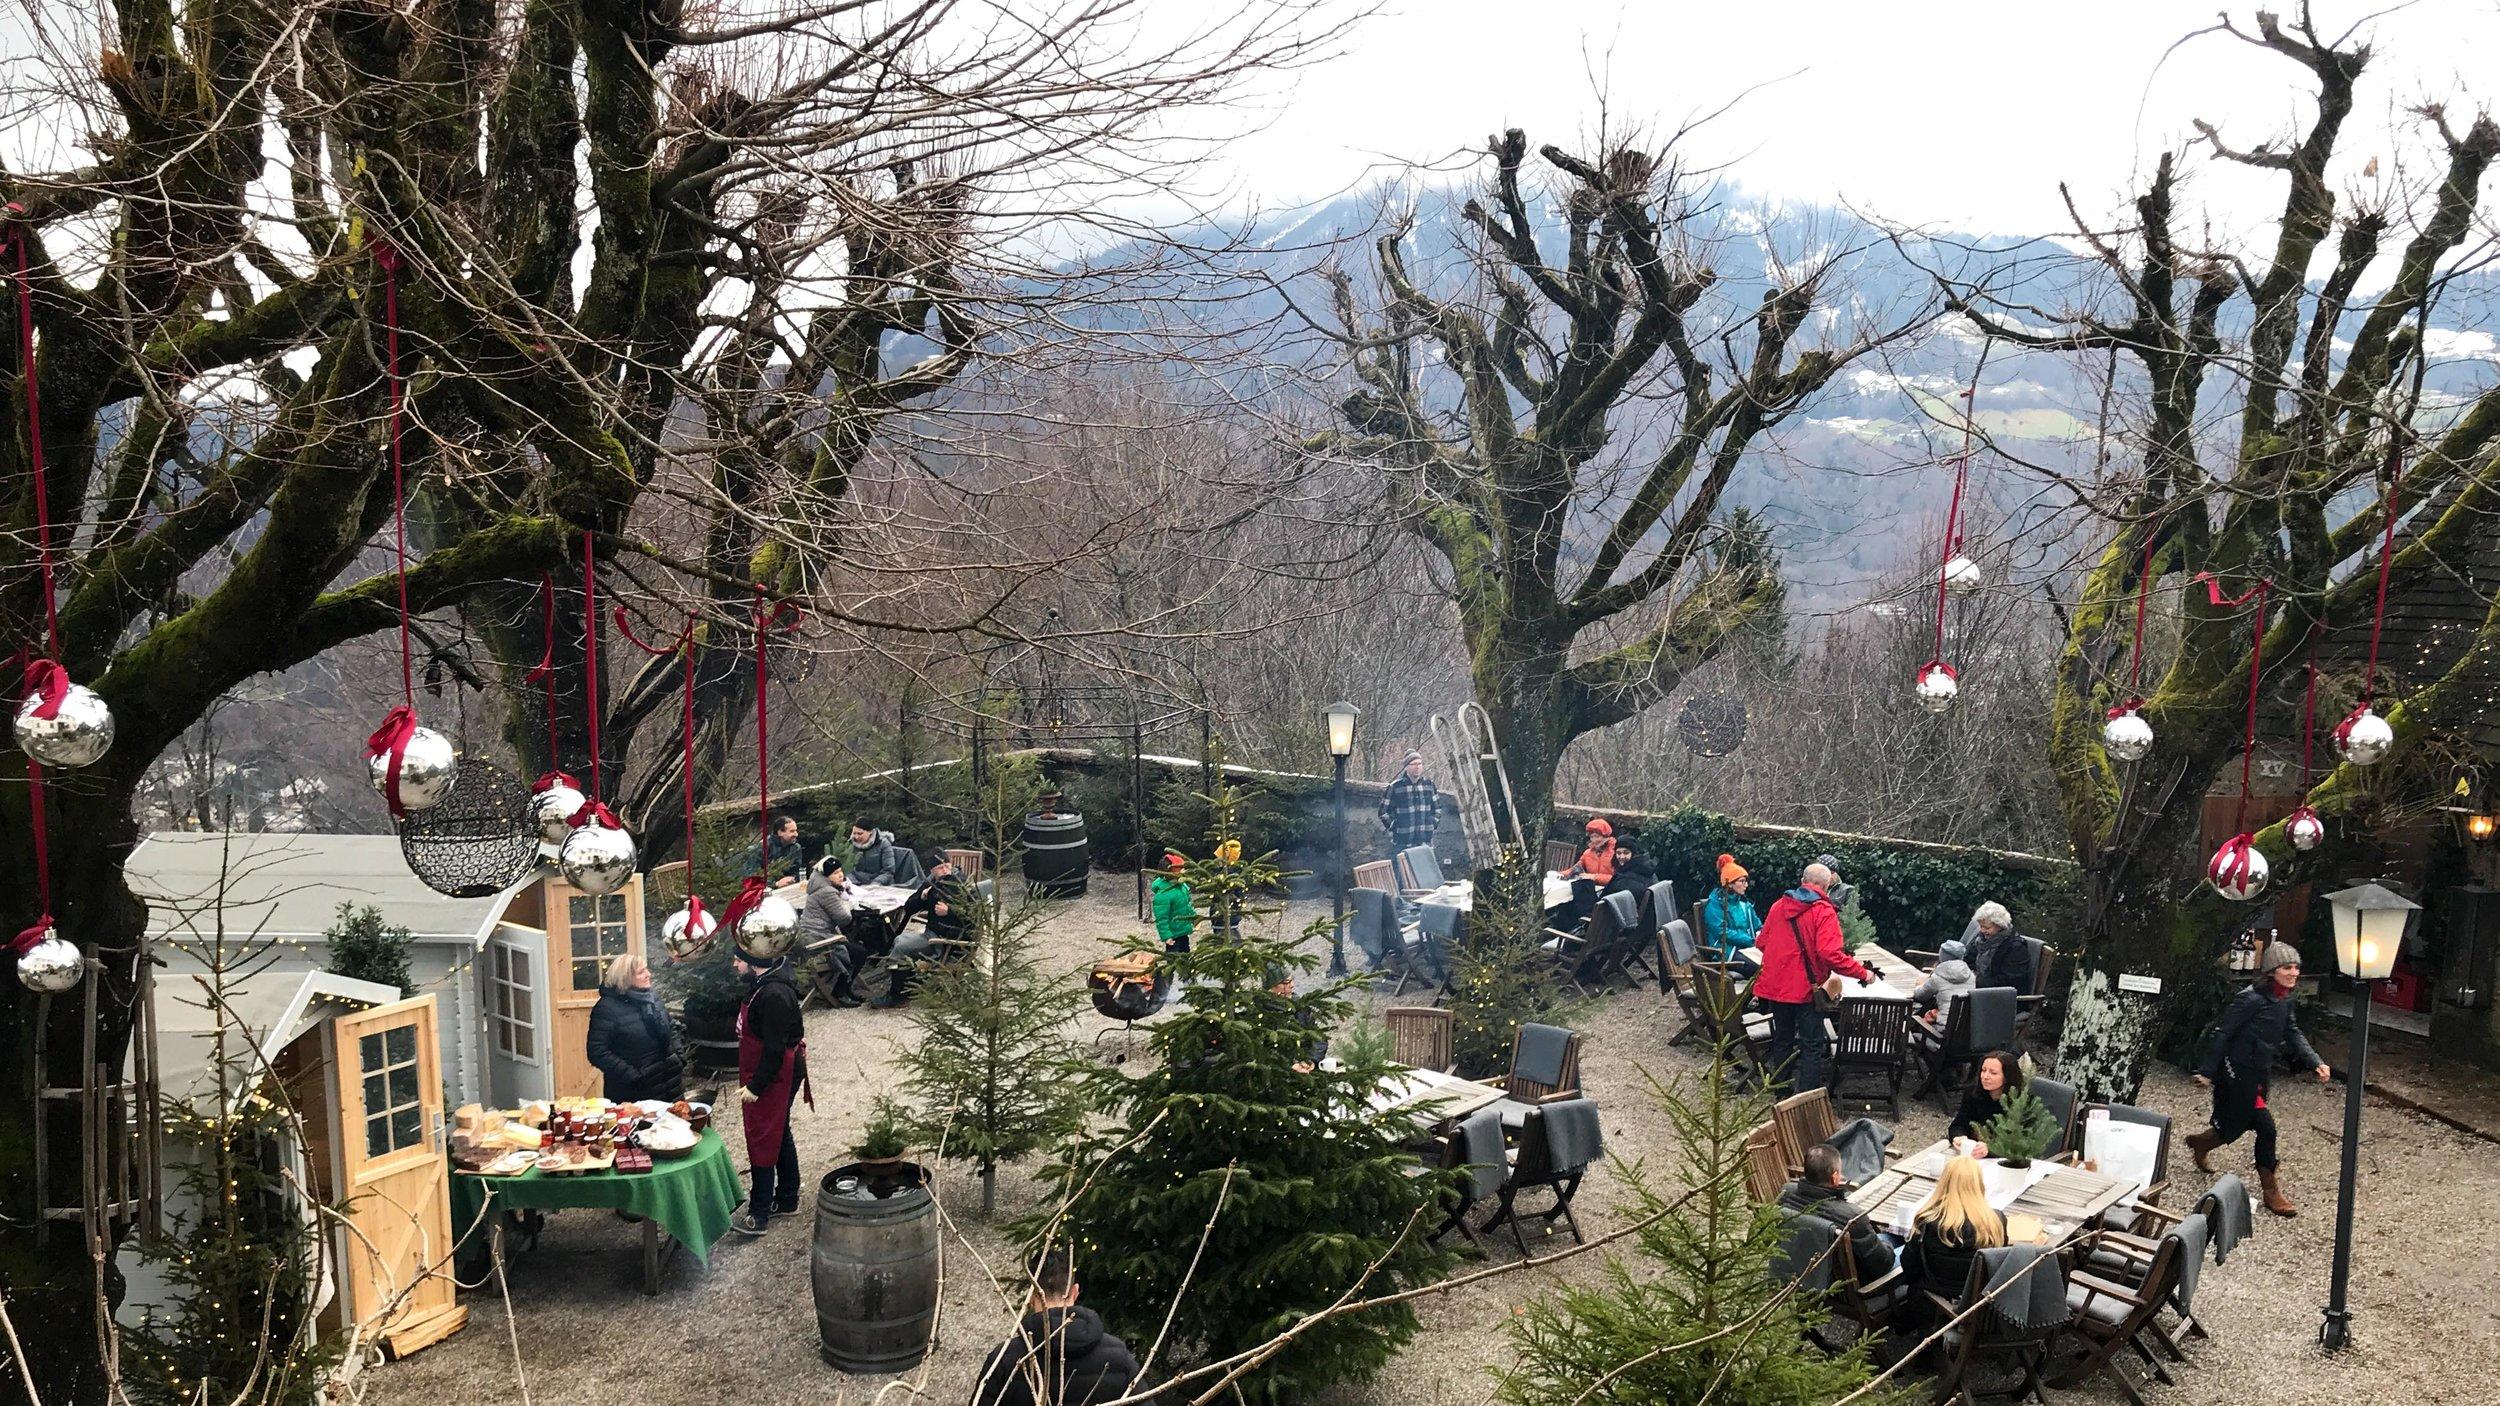 AMC_TravelGuide_Austria-6.jpg